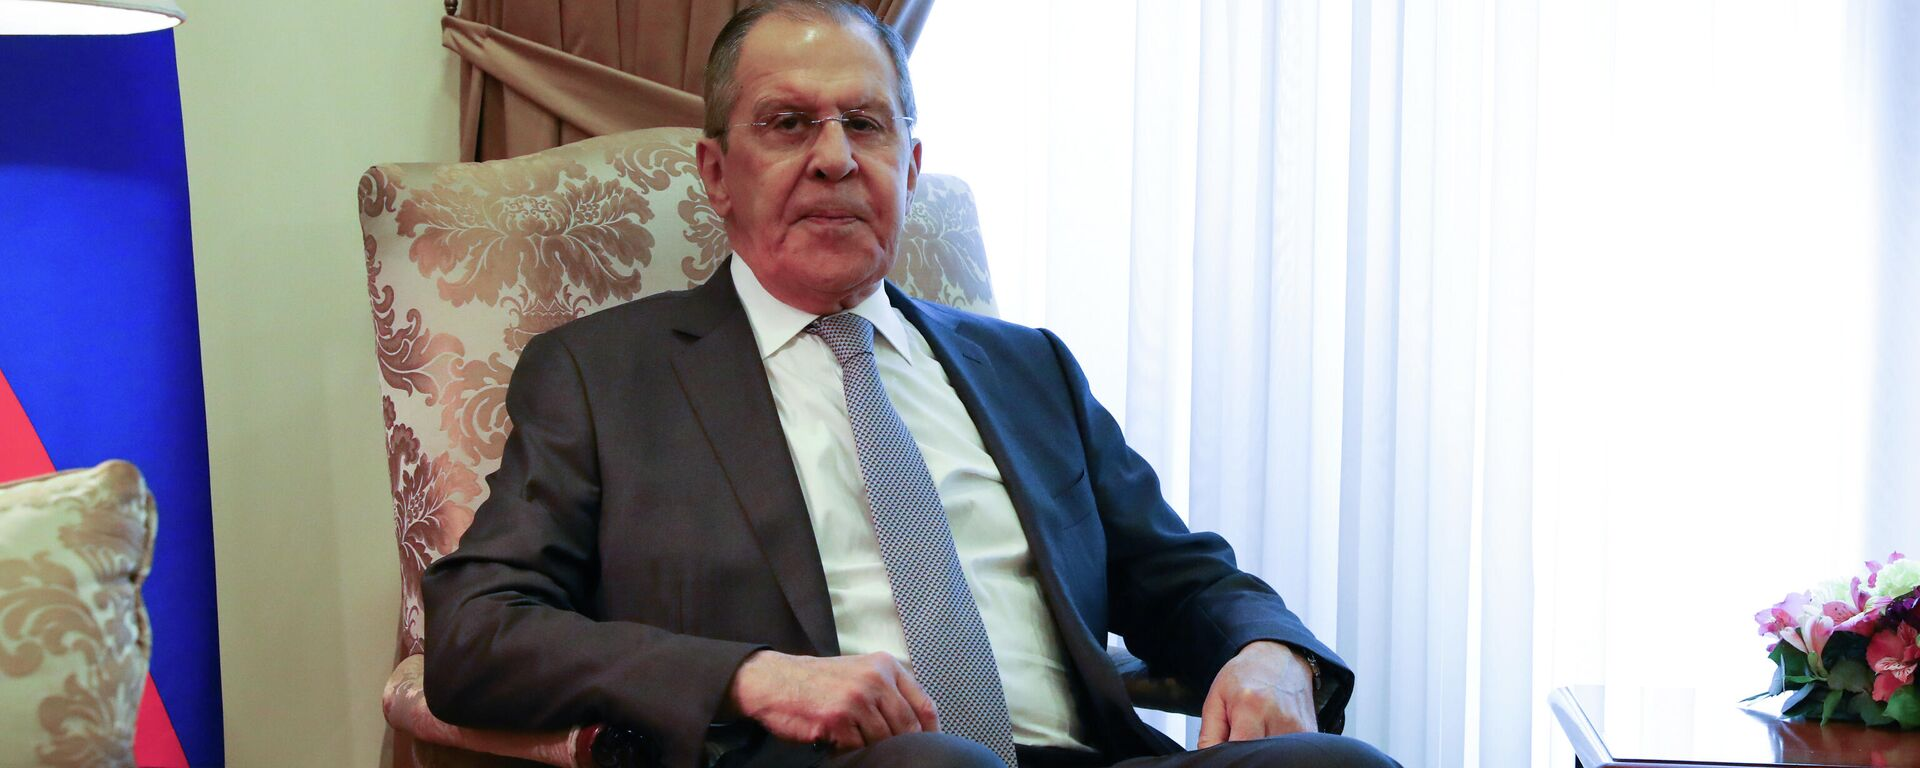 Serguéi Lavrov, el ministro de Exteriores ruso, durante su visita en Erevan, Armenia - Sputnik Mundo, 1920, 06.05.2021